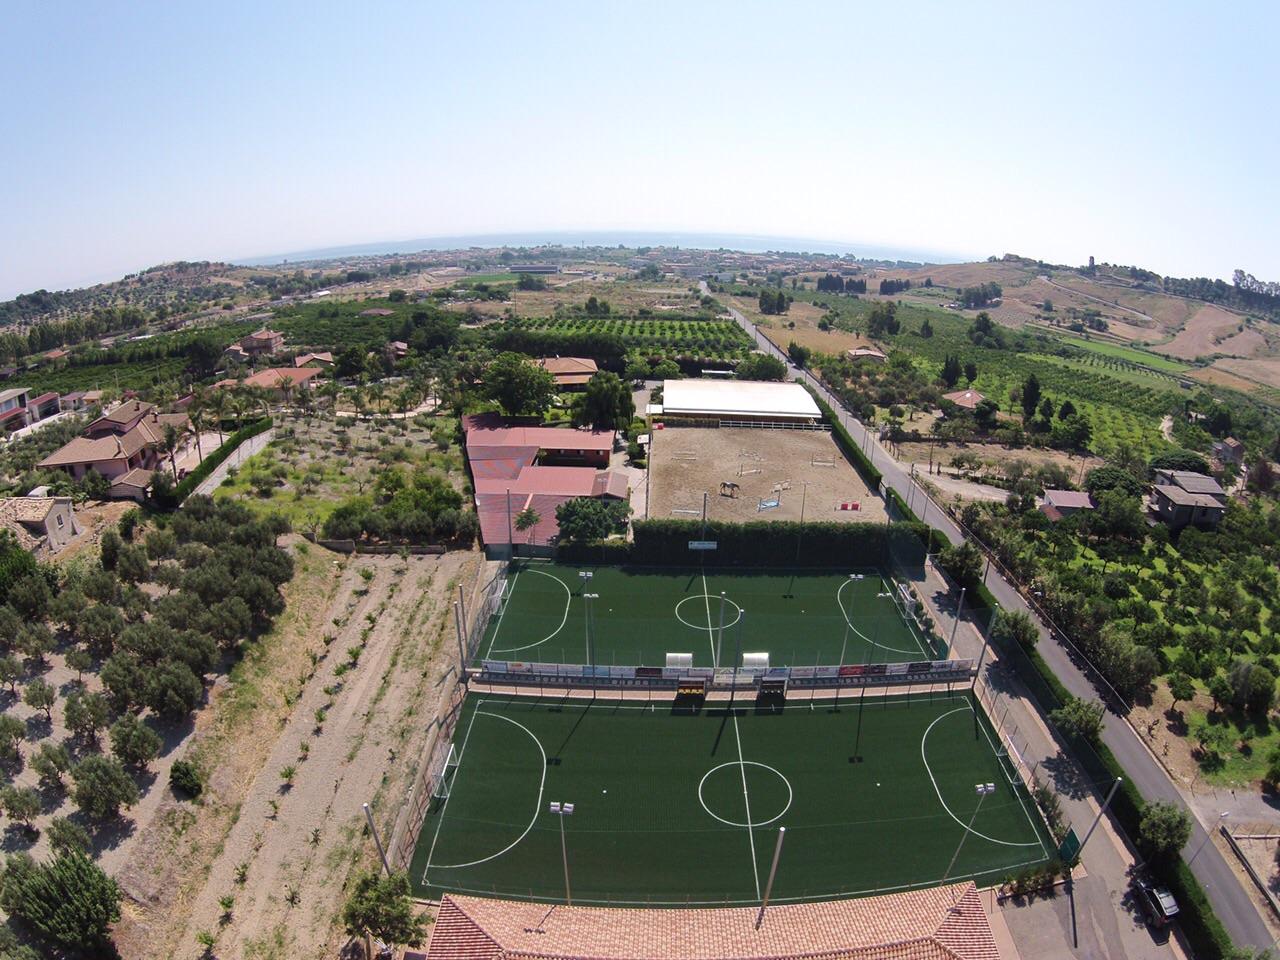 Campi da calcio a5 - Centro Sportivo San Francesco Davoli Marina Catanzaro